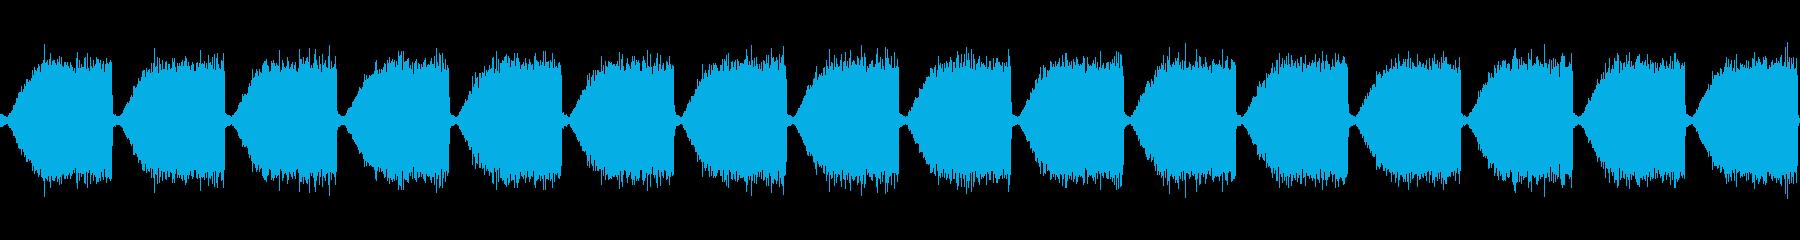 EDMでよくあるホワイトノイズの再生済みの波形